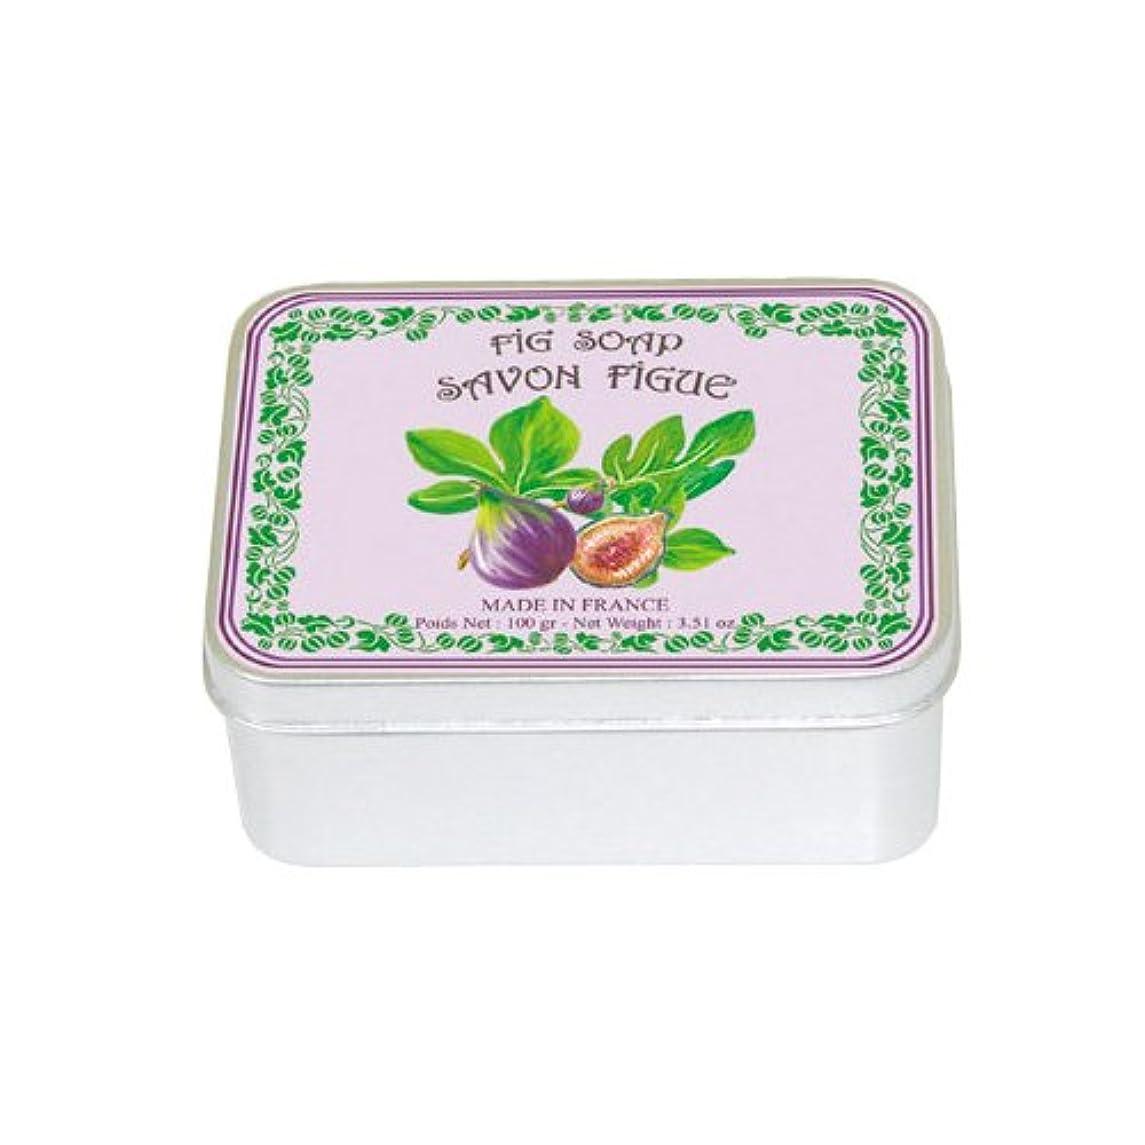 シーン弱点繁栄ルブランソープ メタルボックス(イチジクの香り)石鹸